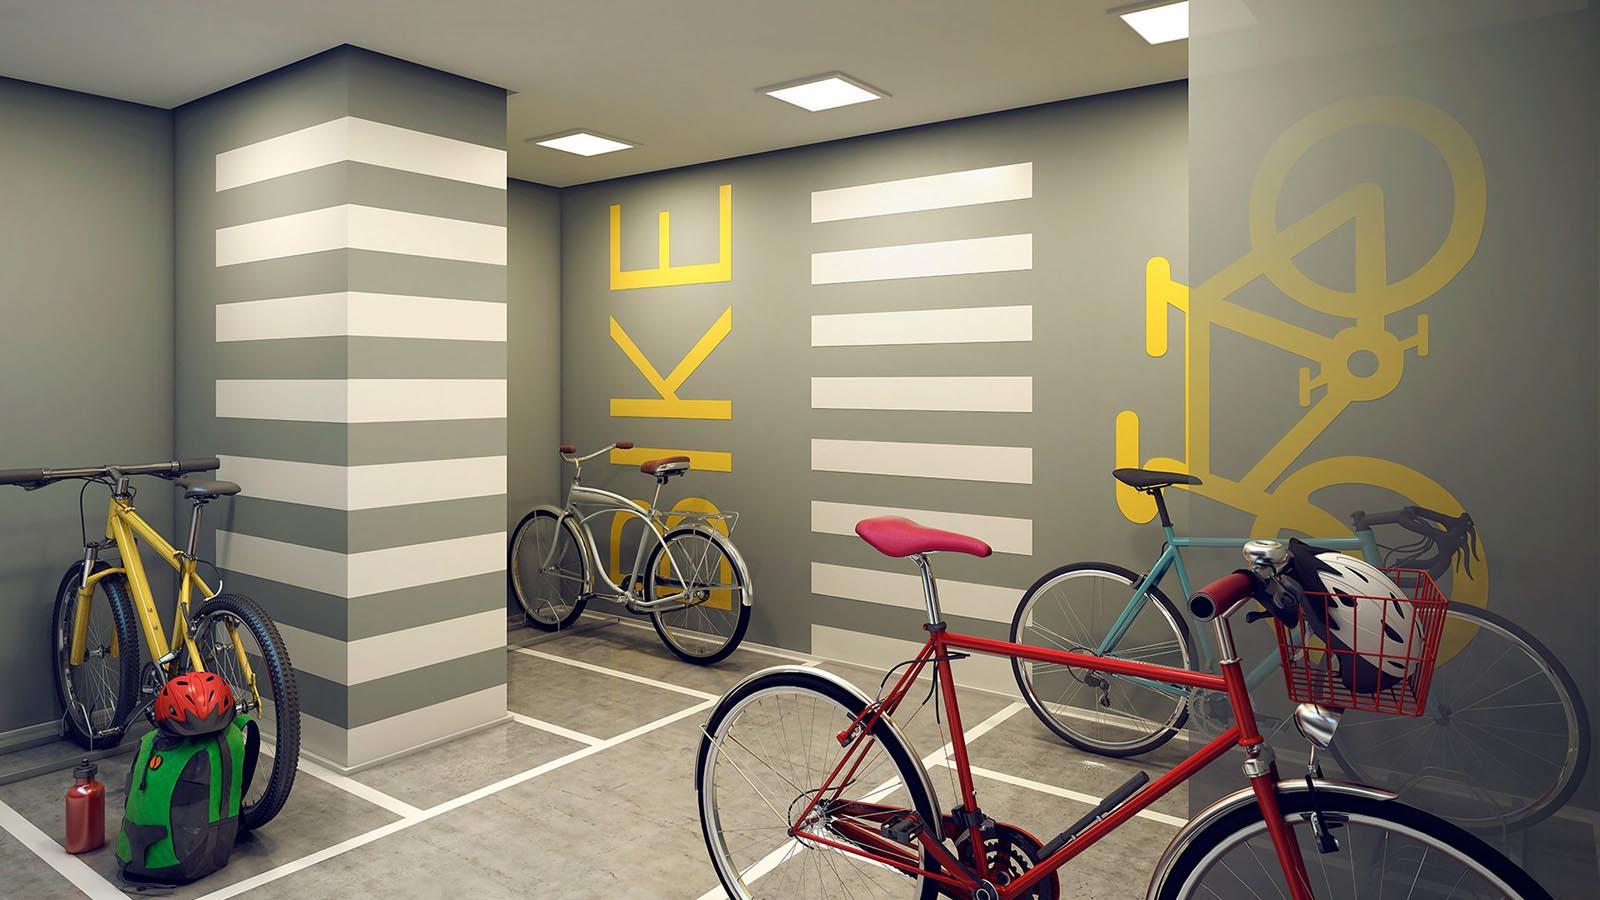 Perspectiva ilustrada do Bicicletário Decorado na Garagem.